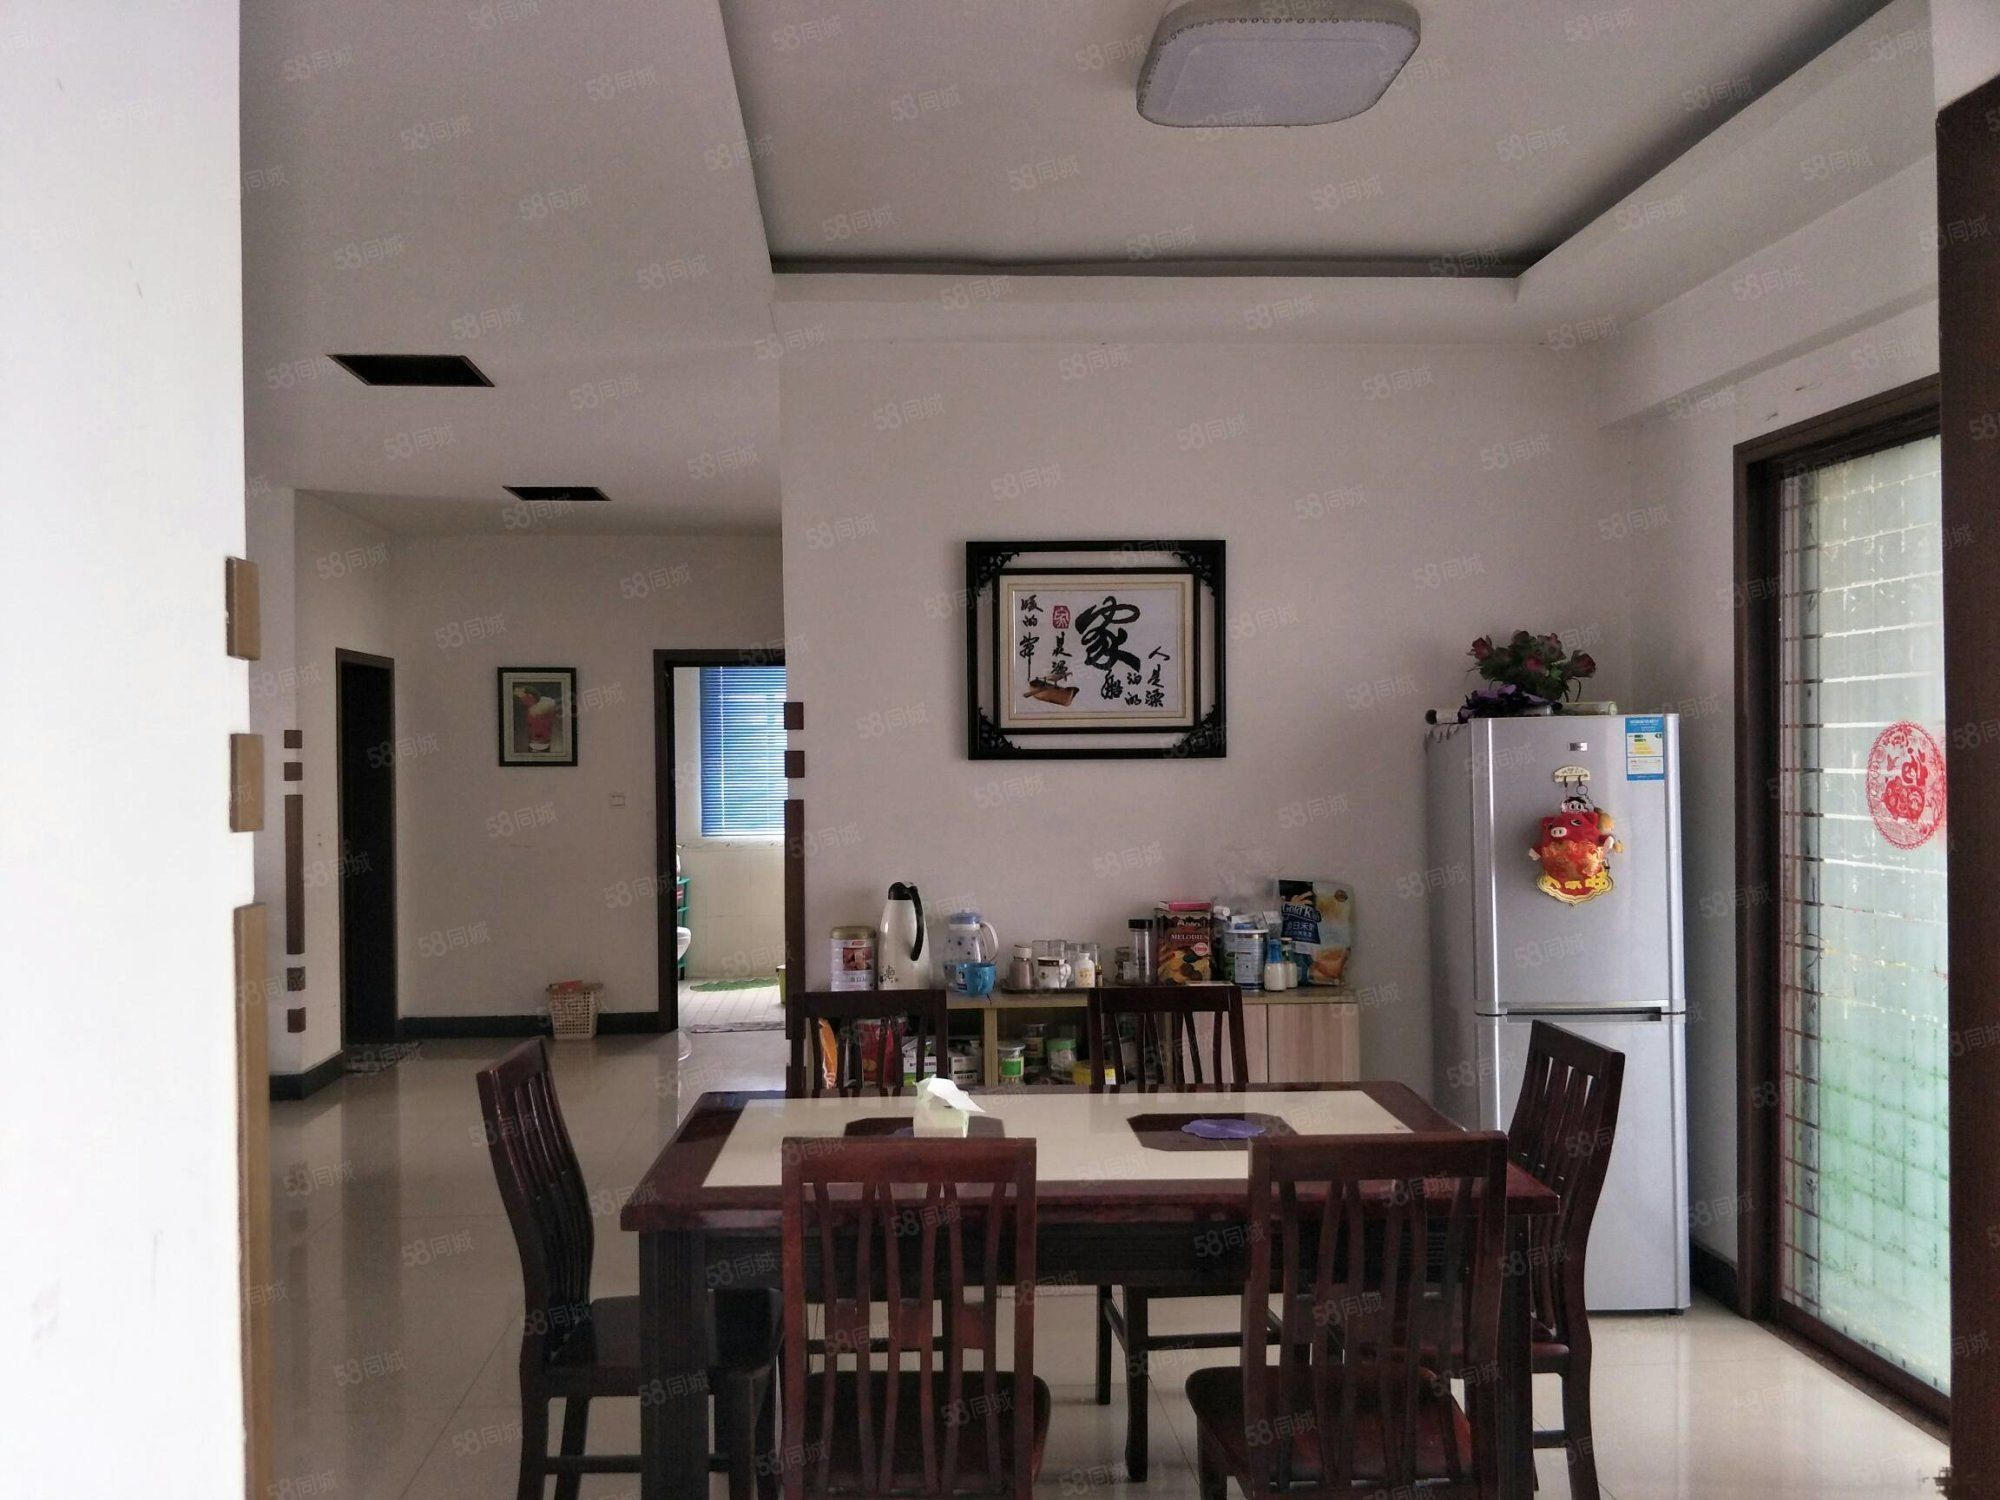 老城區廣場四室兩廳兩衛160平米125萬